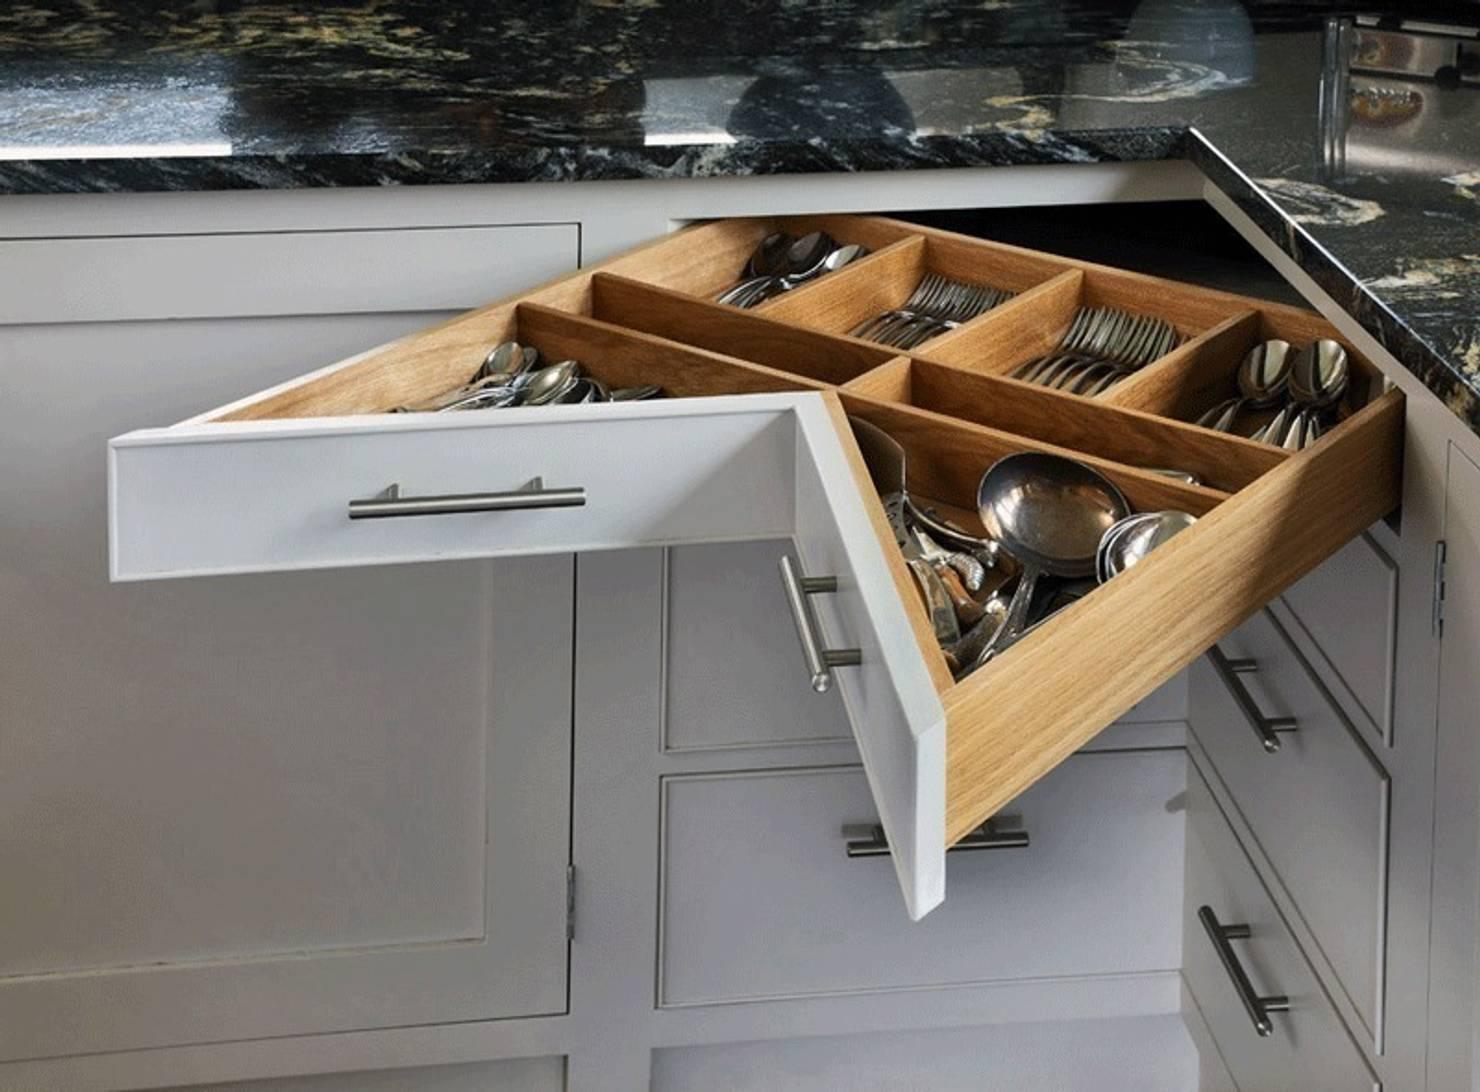 40 Idee Grandiose per Progettare la Tua Cucina